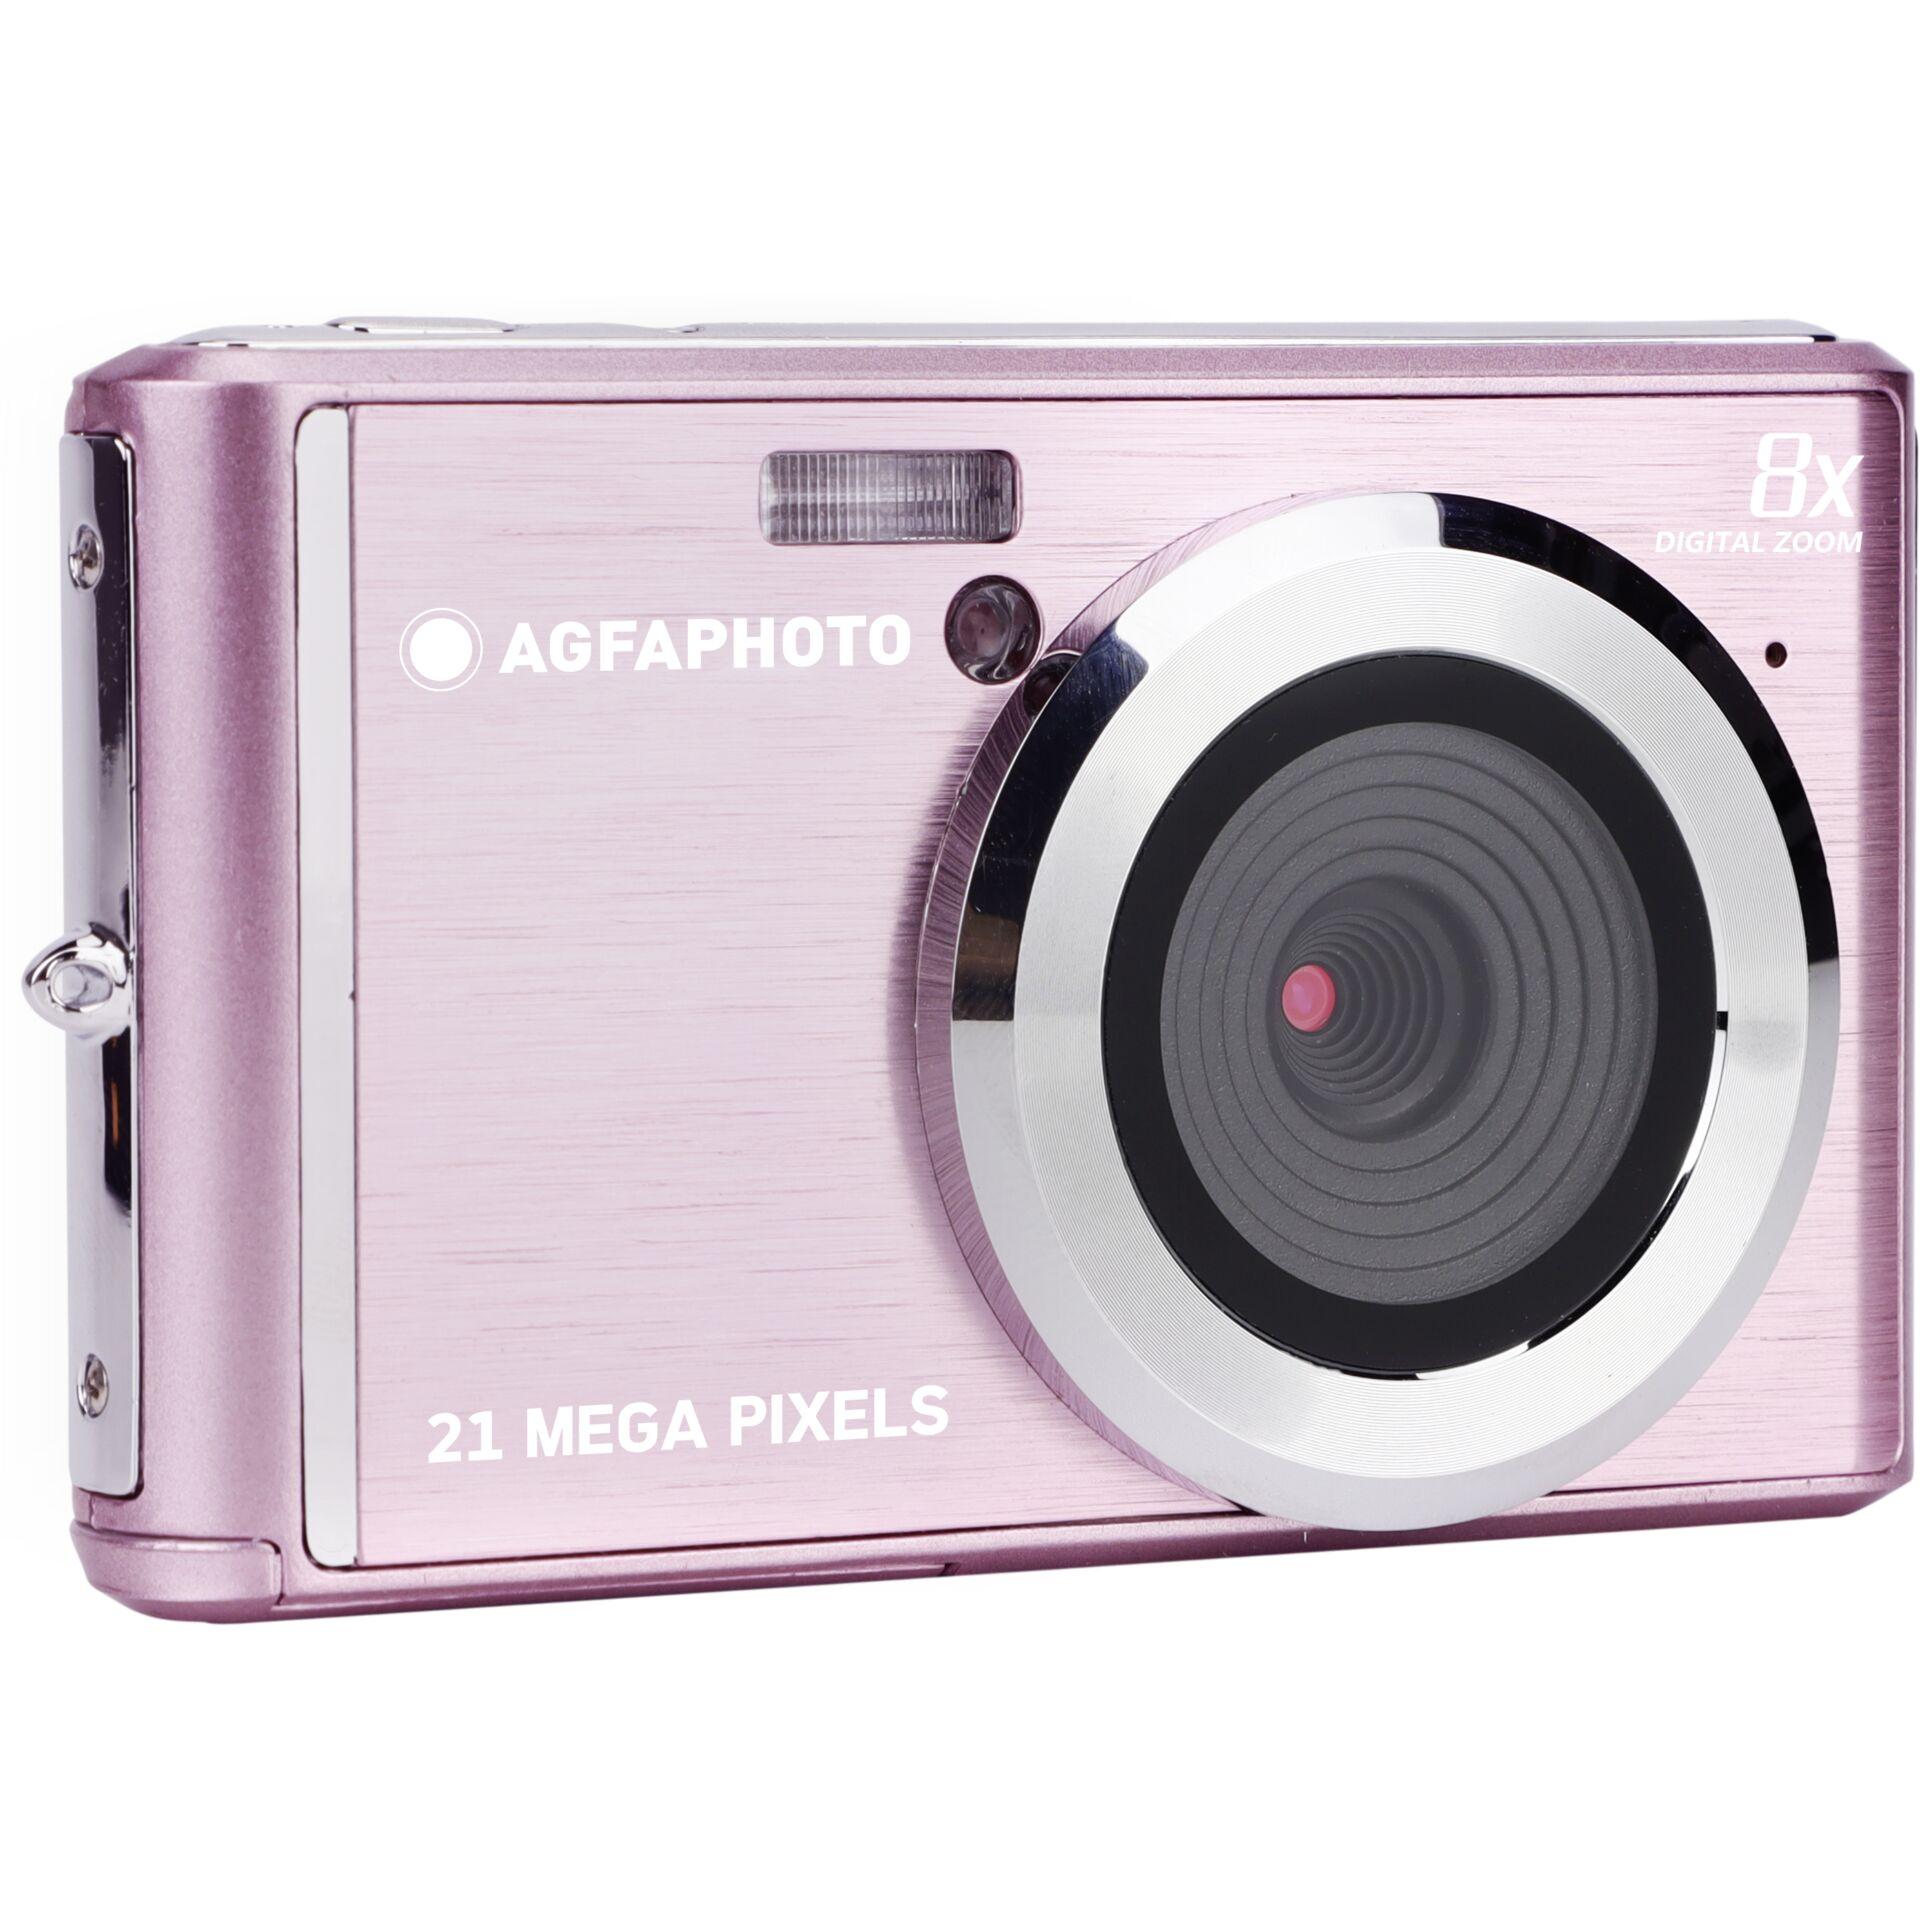 Agfa Compact Camera DC5200 pink